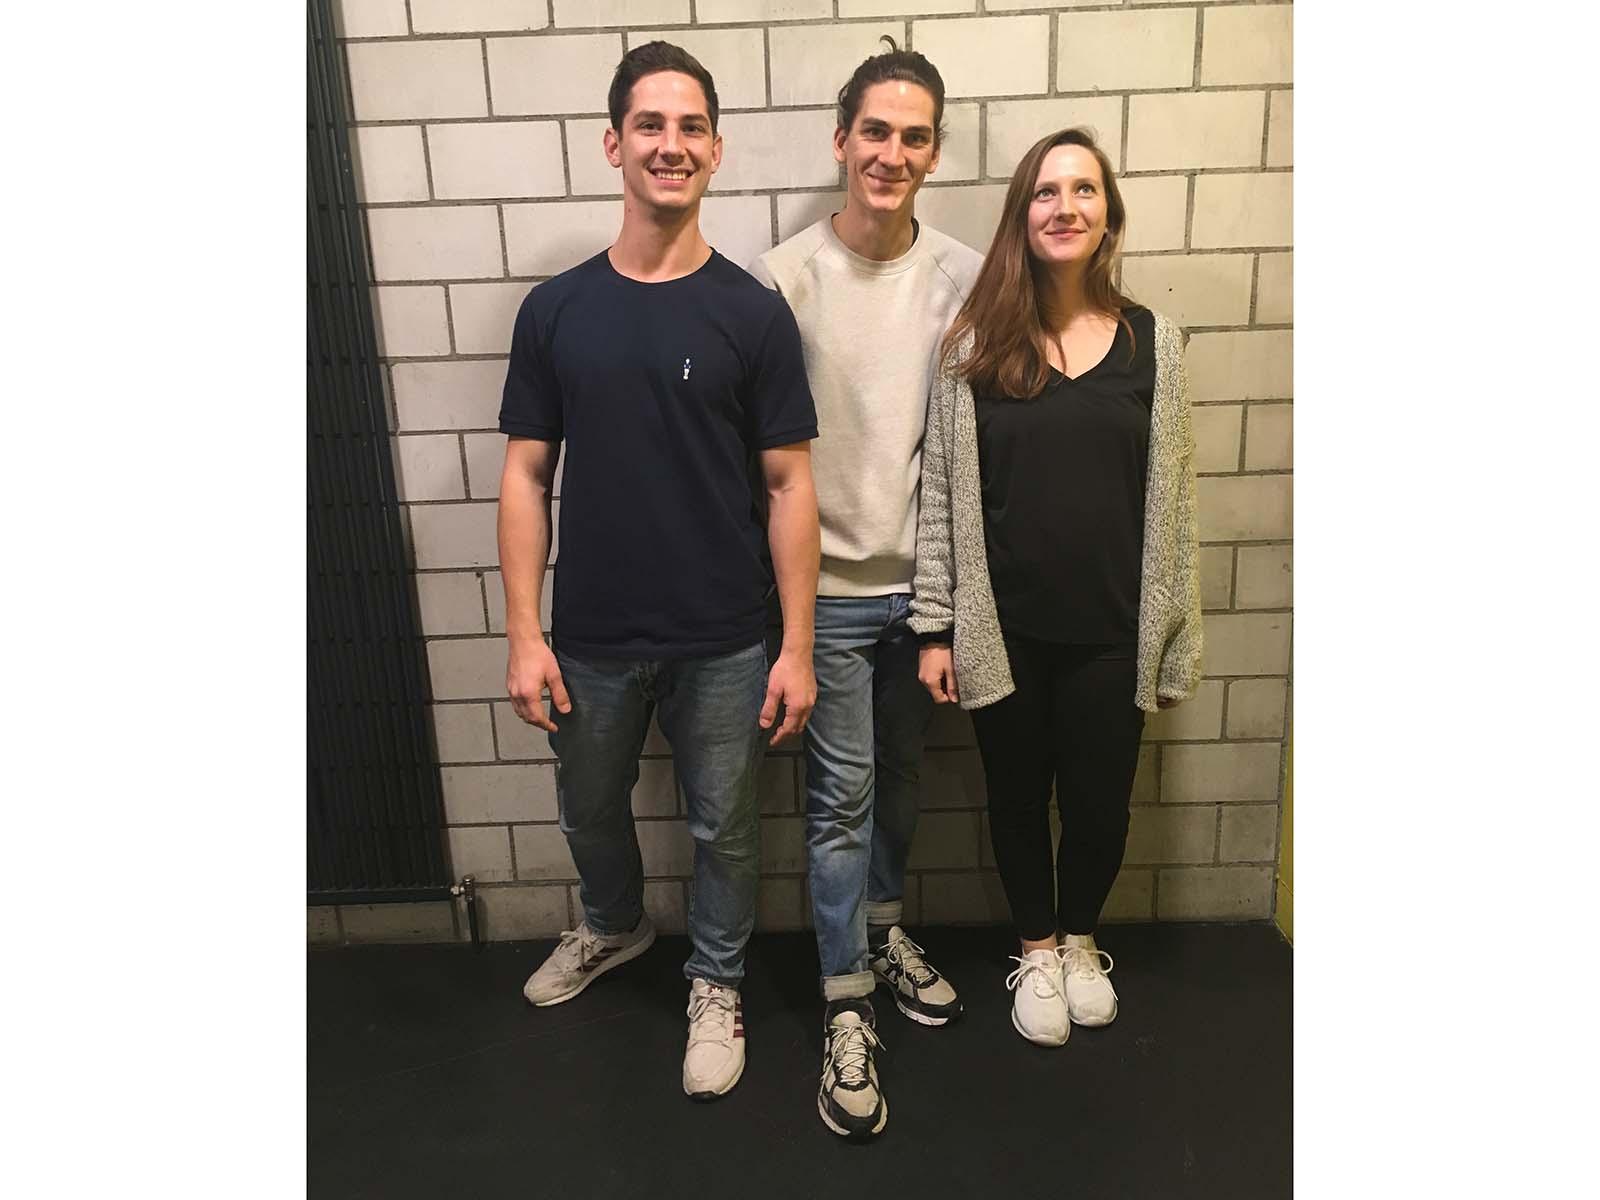 Die neue Kulturkeller-Crew: David Nüesch, Alex Nüesch, Jana Högger.